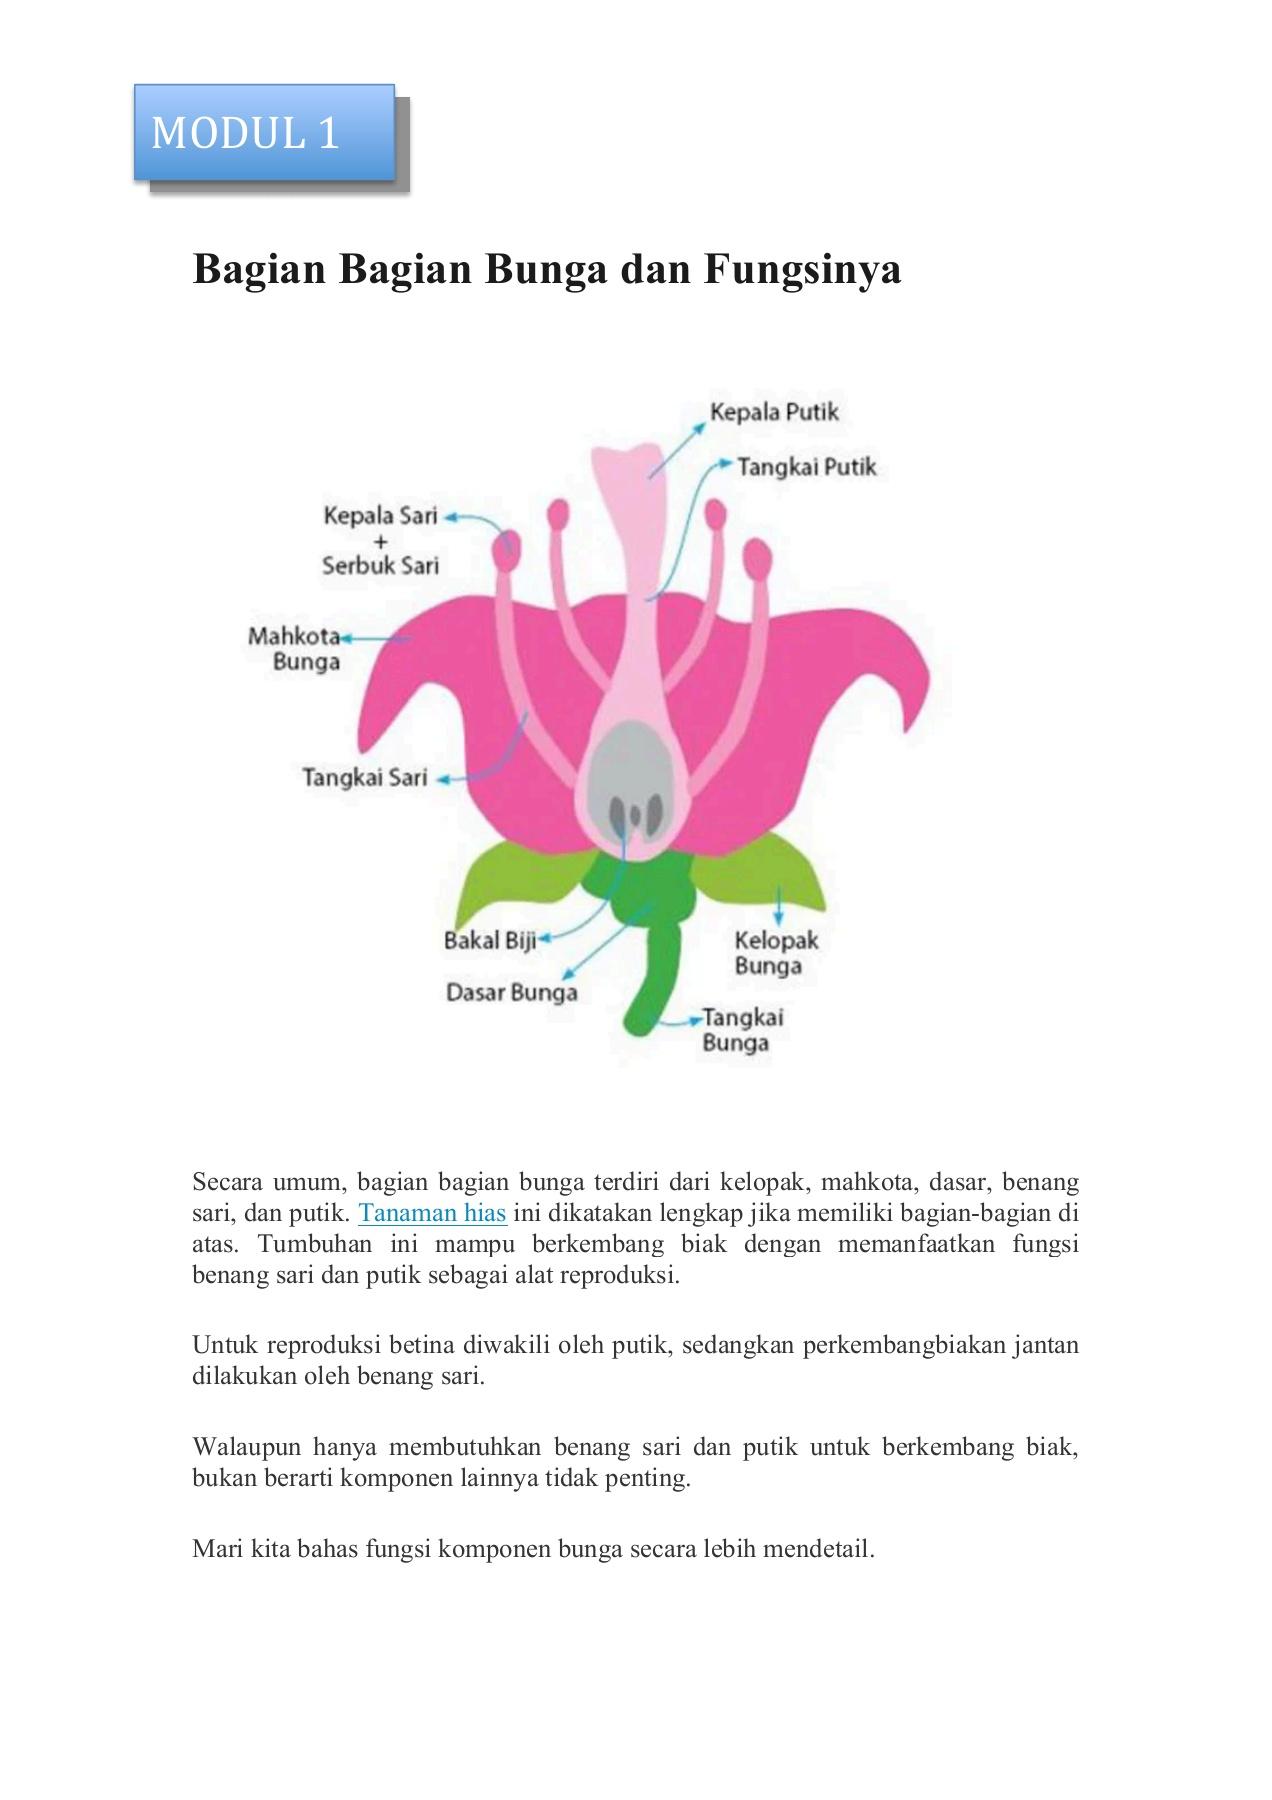 Gambar Bagian Bunga Dan Fungsinya : gambar, bagian, bunga, fungsinya, Bagian, Bunga, Fungsinya